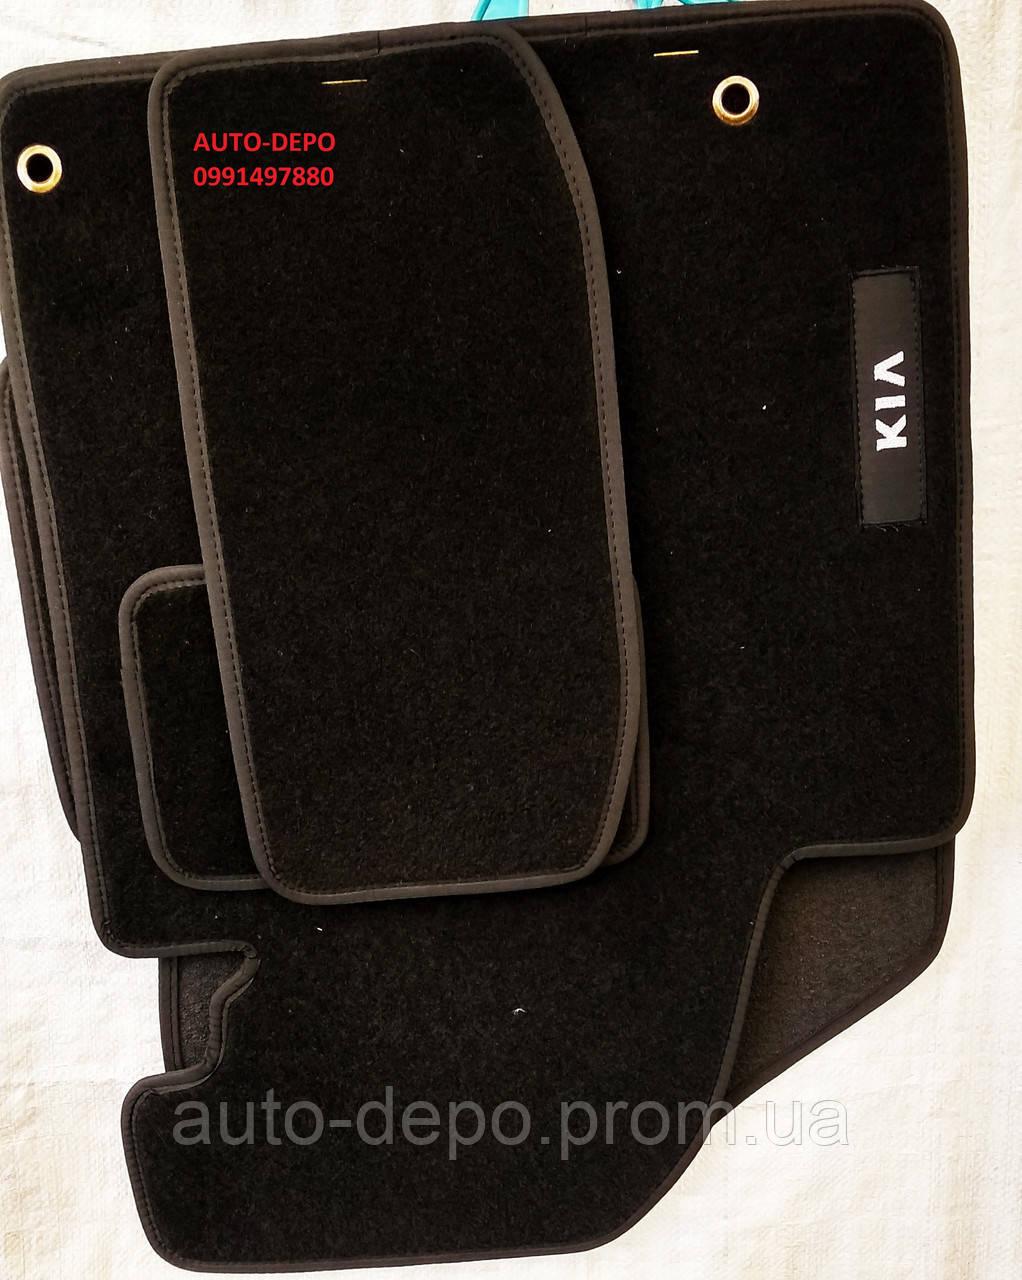 Ворсовые автомобильные коврики Kia Sportage 2006- CIAC GRAN